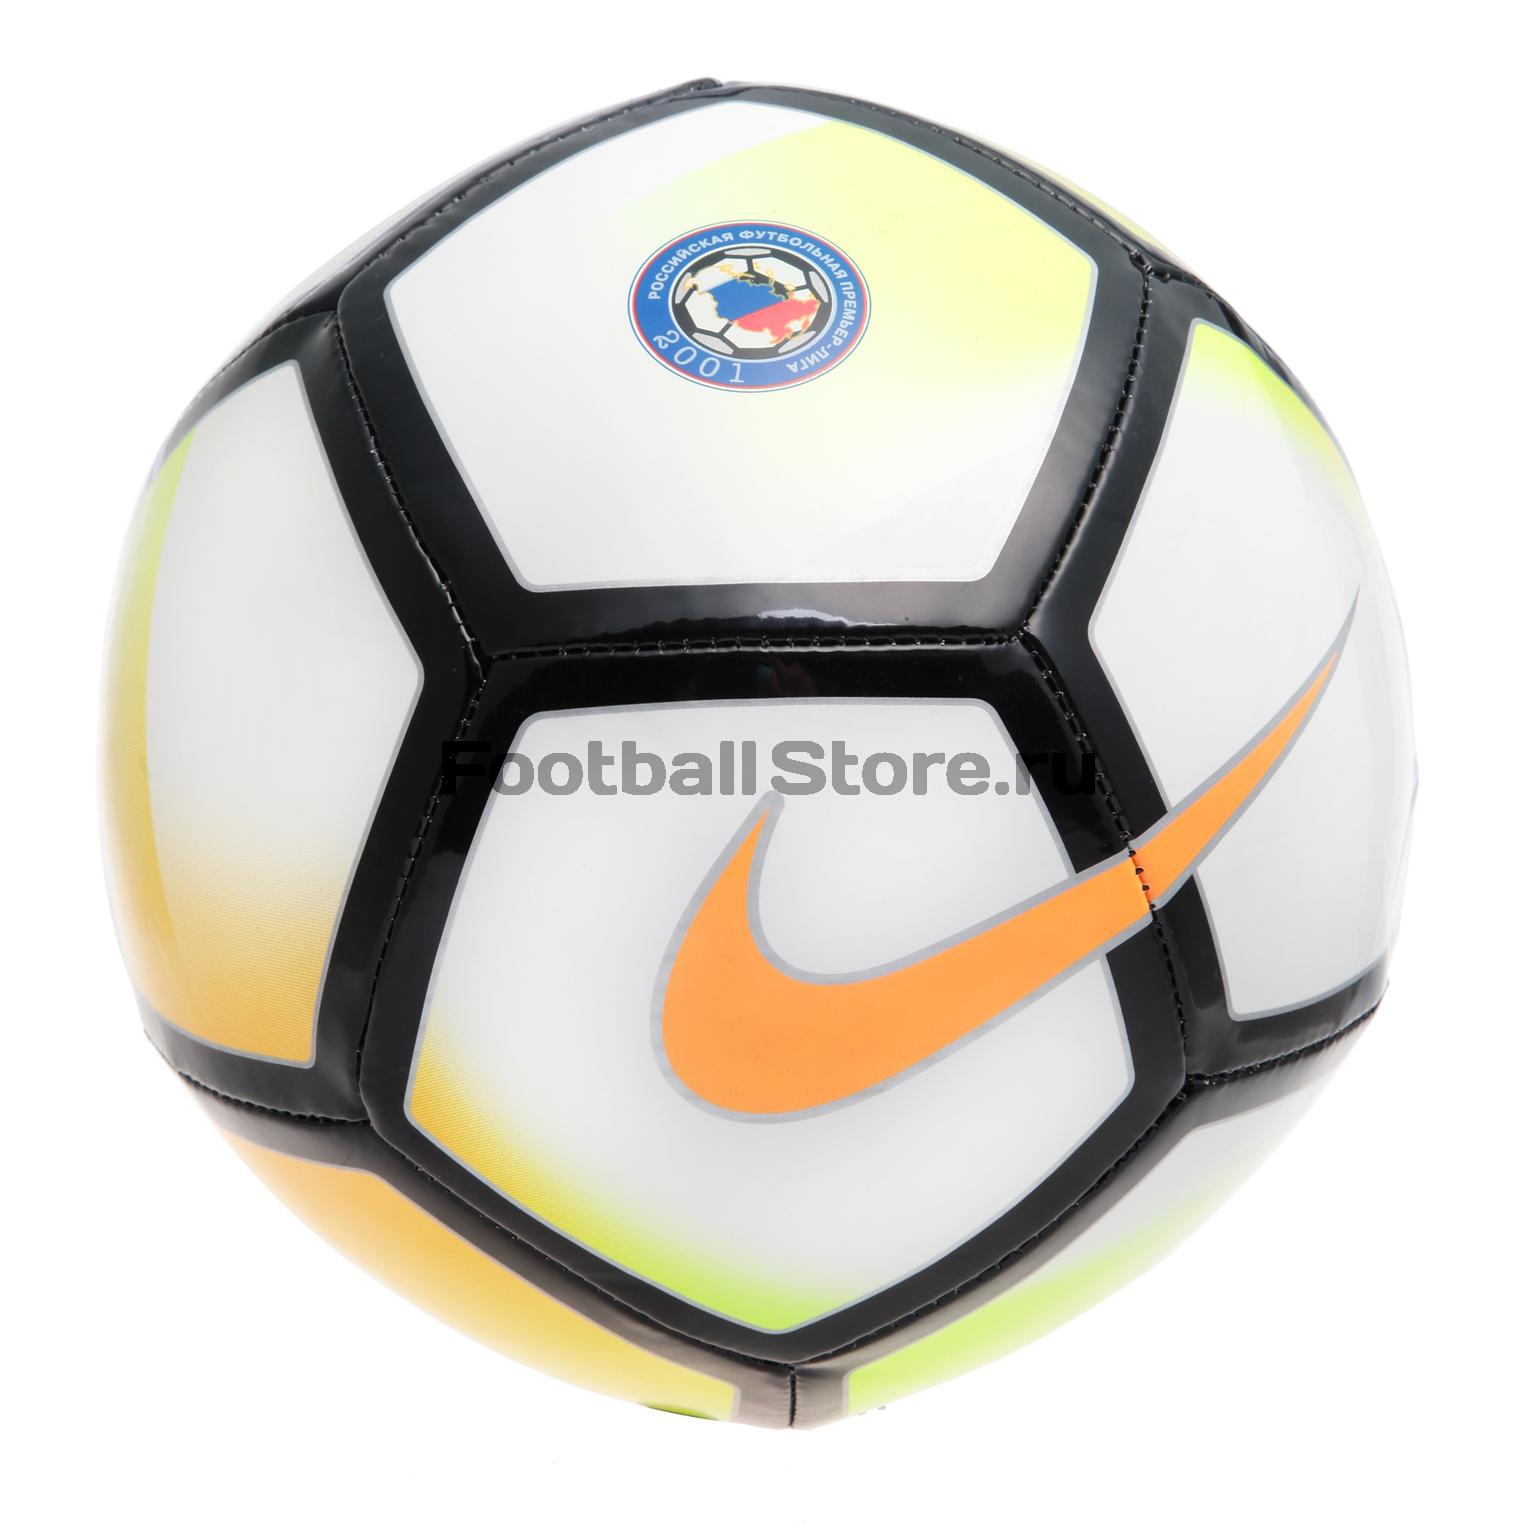 купить  Классические Nike Футбольный мяч Nike РФПЛ Pitch SC3490-100  по цене 1490 рублей